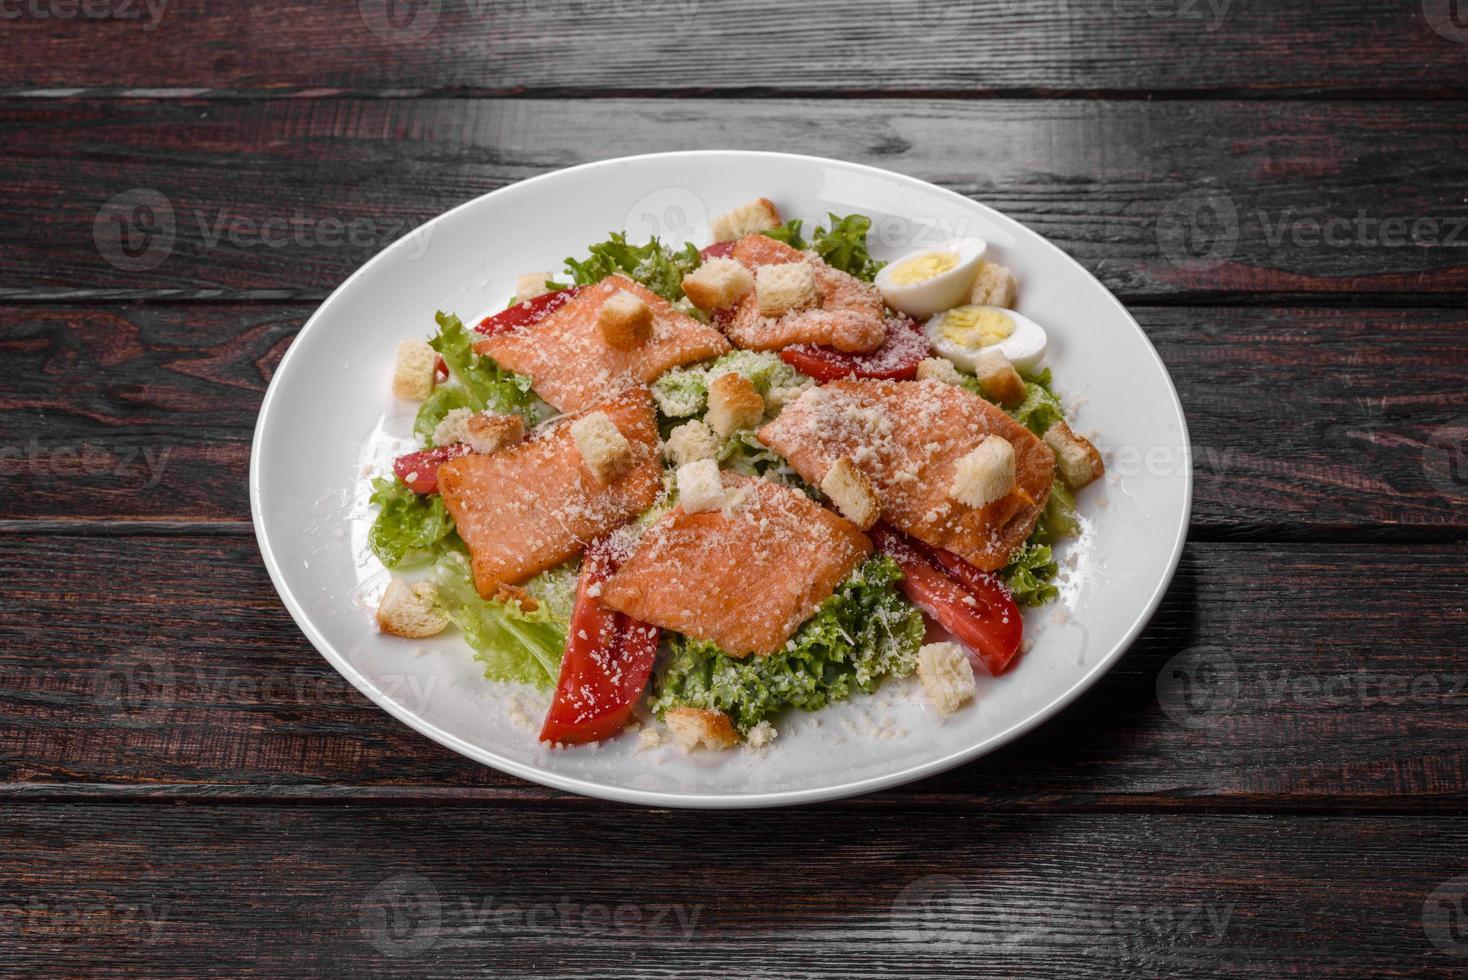 leckerer frischer Salat mit rotem Fisch für die festliche Tafel foto